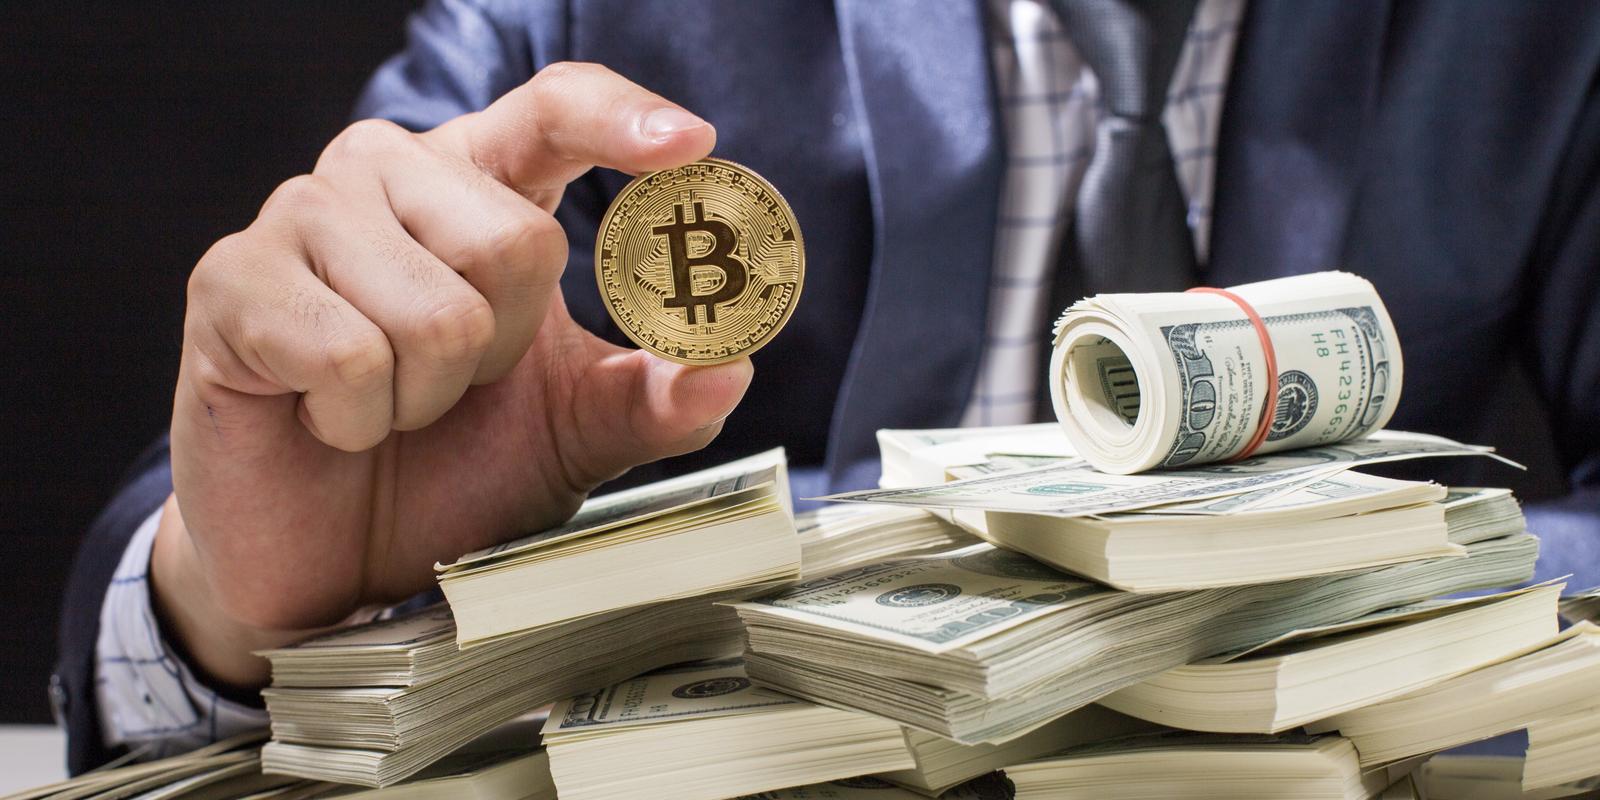 unlu yatirim danismani bitcoin btc bir kurumsal yatirim rutini haline geldi 1